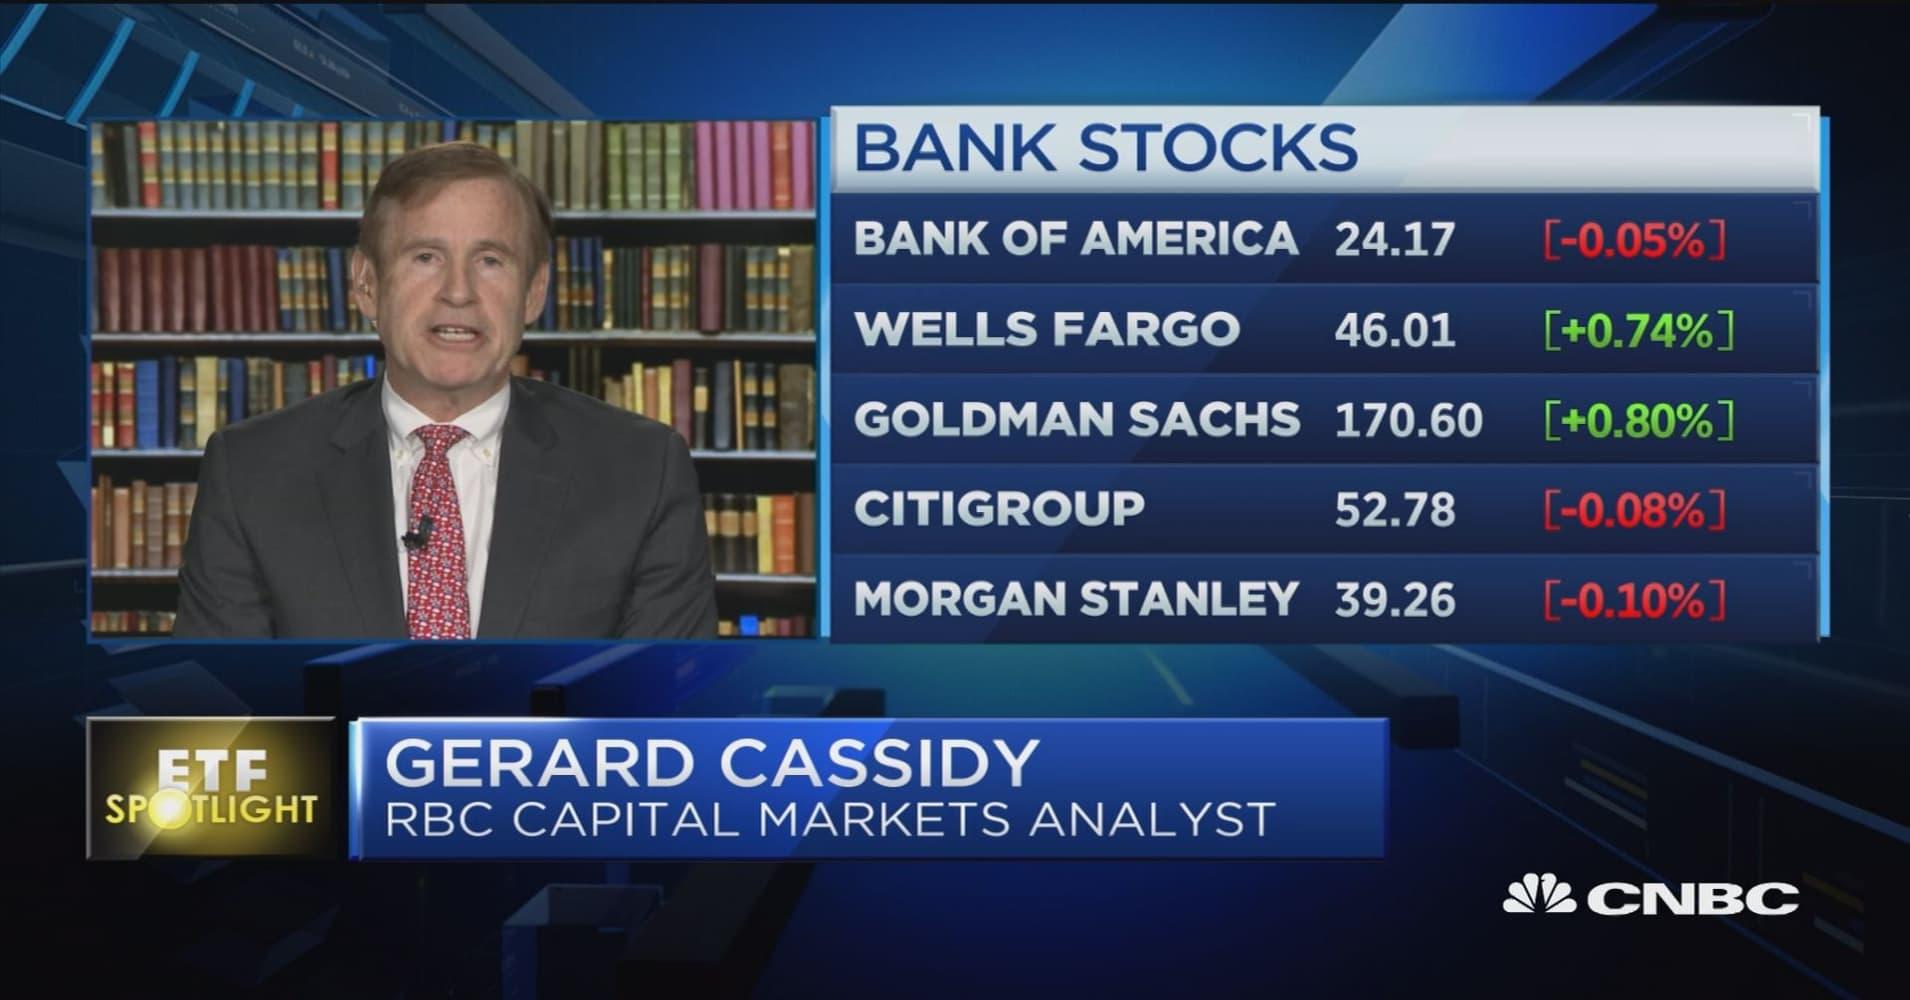 ETF Spotlight: Banks are in bear market mode